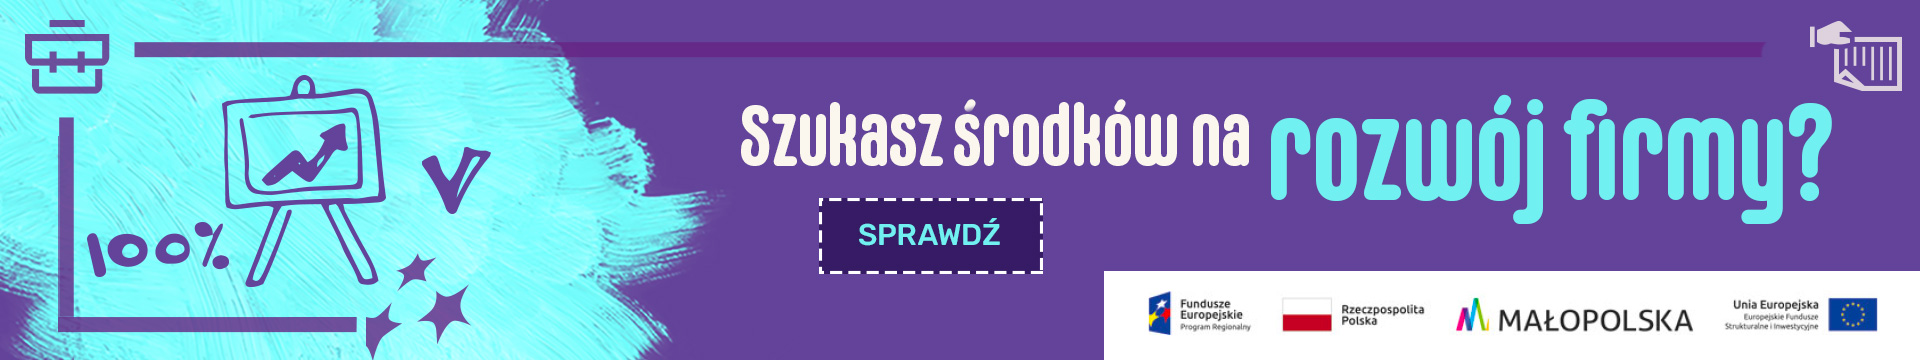 Polska Press - rozwój firmy - UMWM